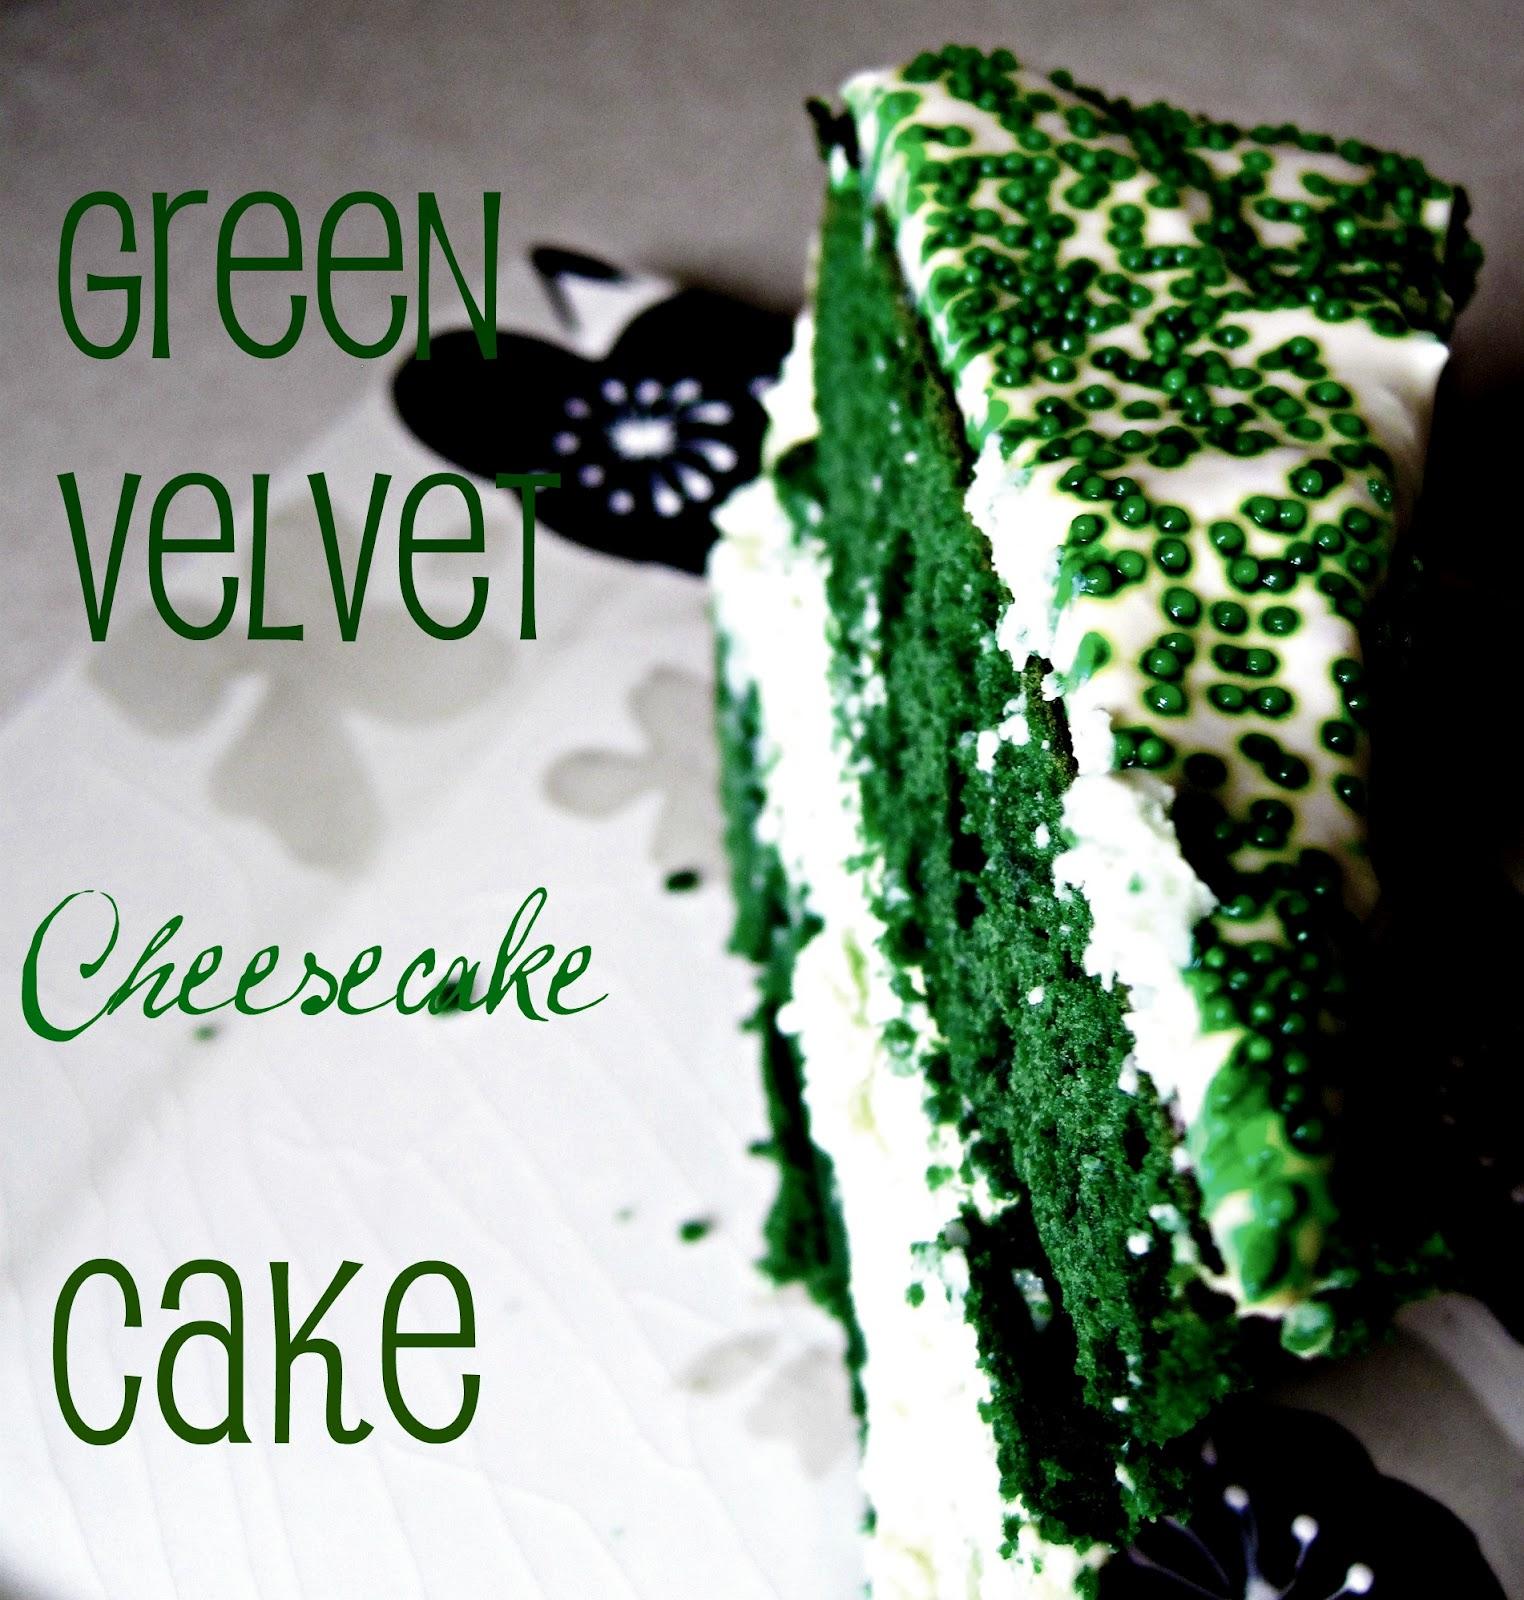 ... velvet cake red velvet cake green velvet cheesecake cake www